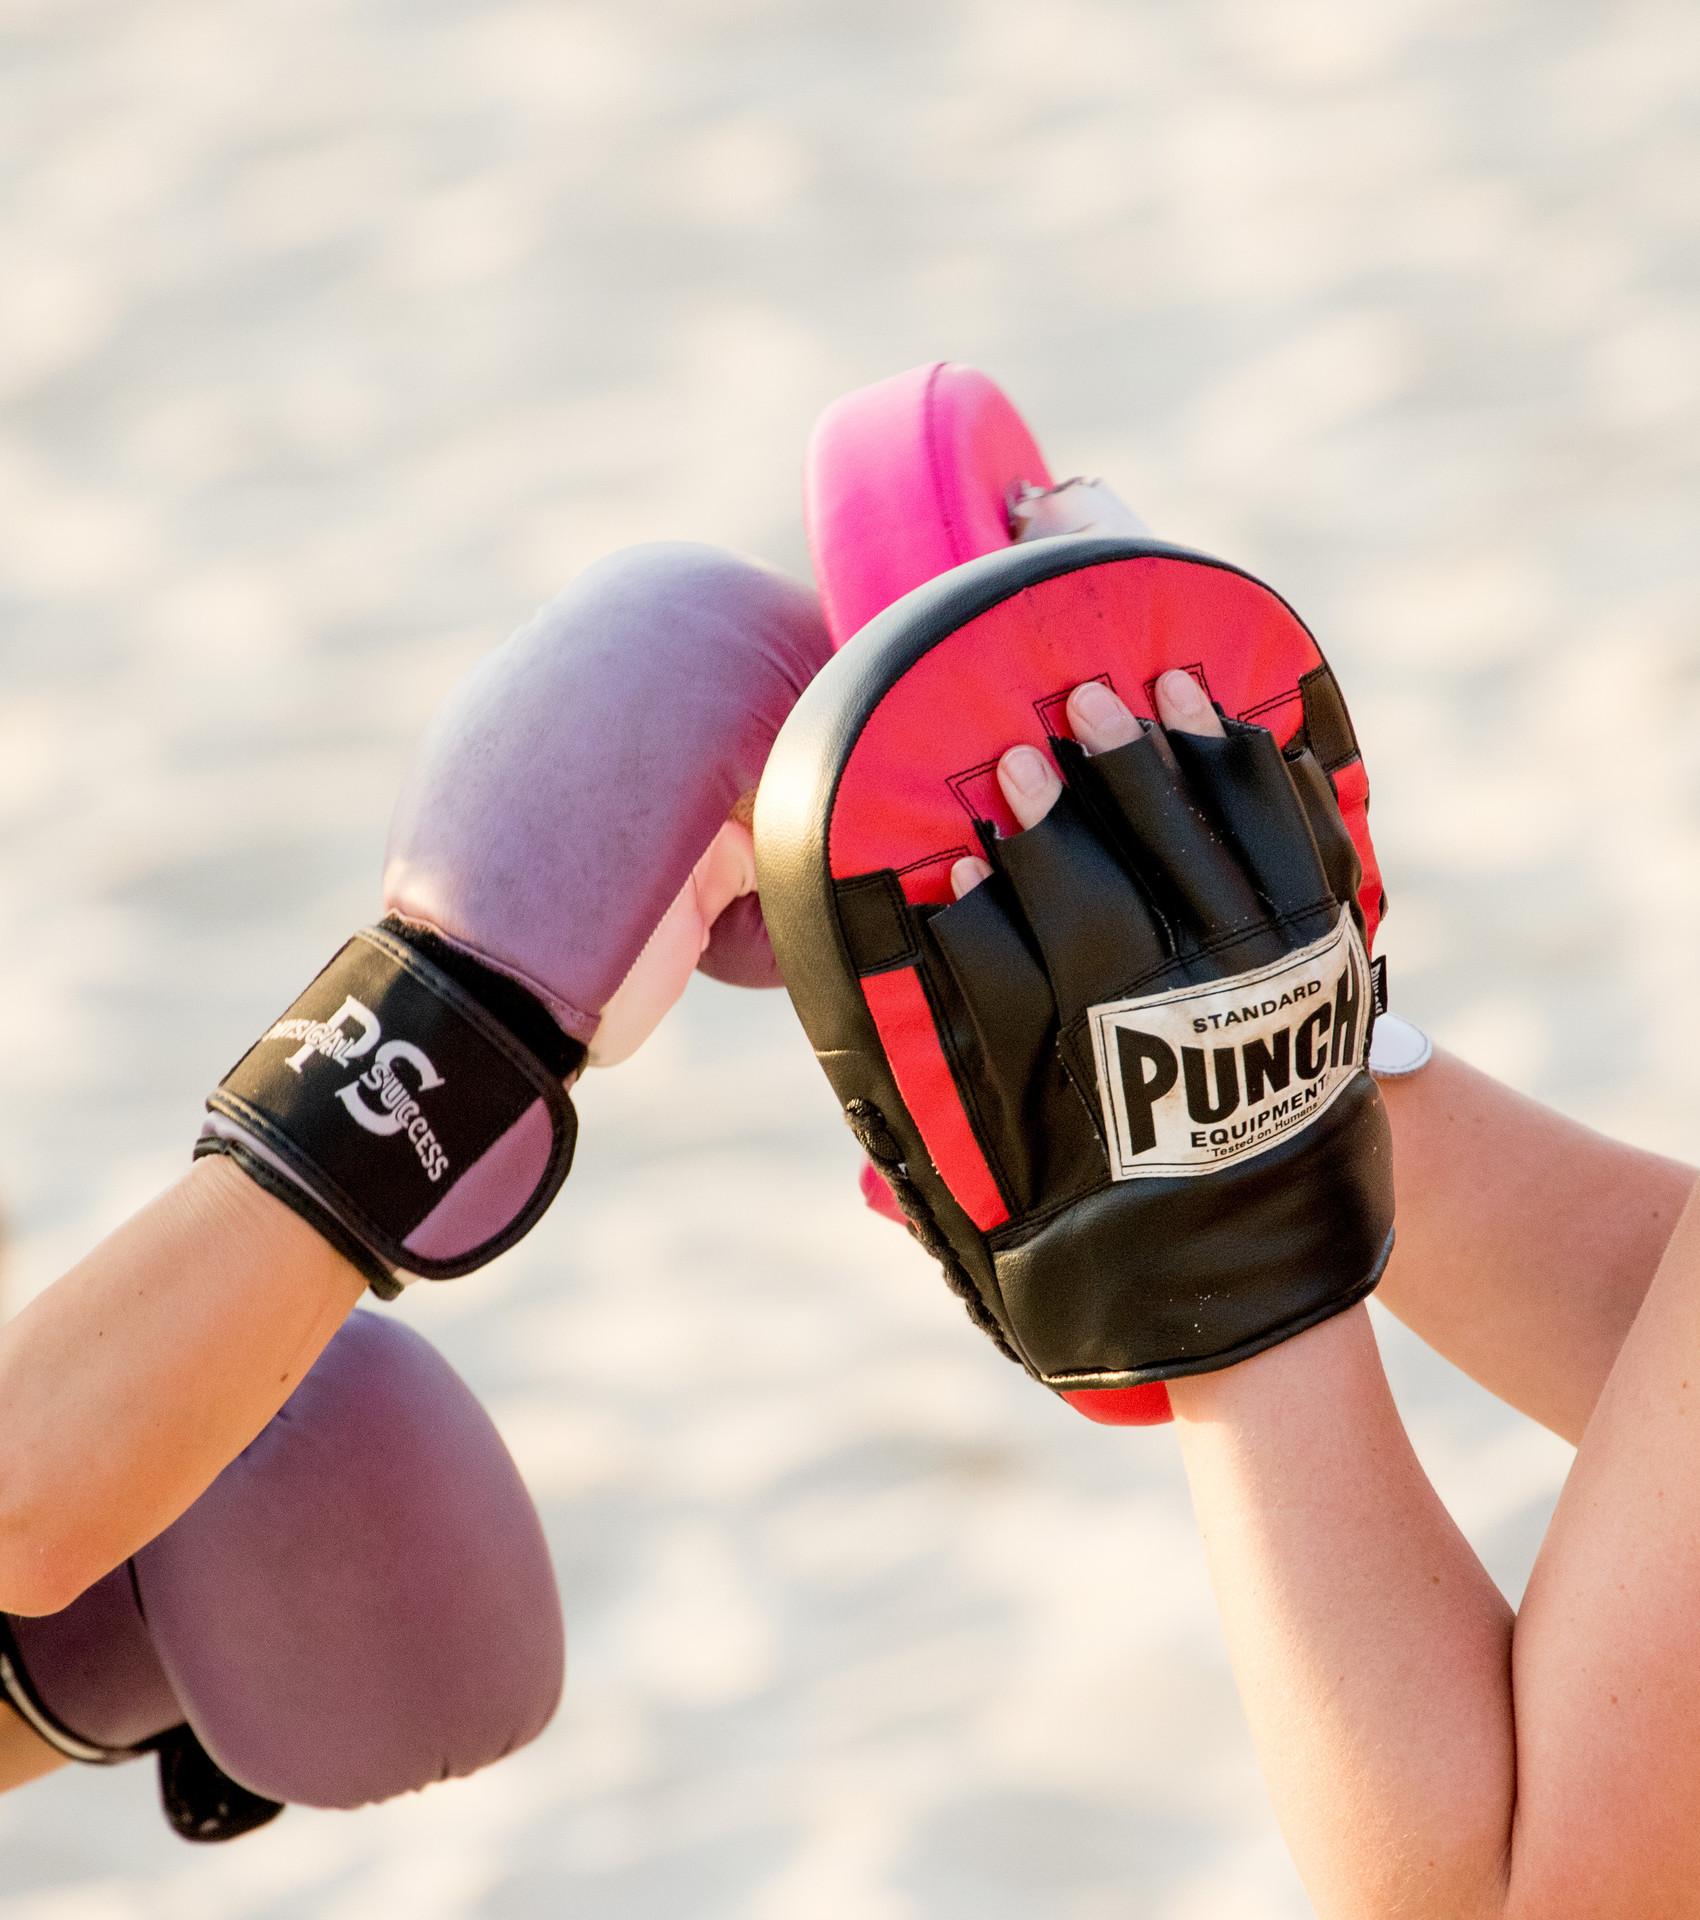 punching, Bondi Beach